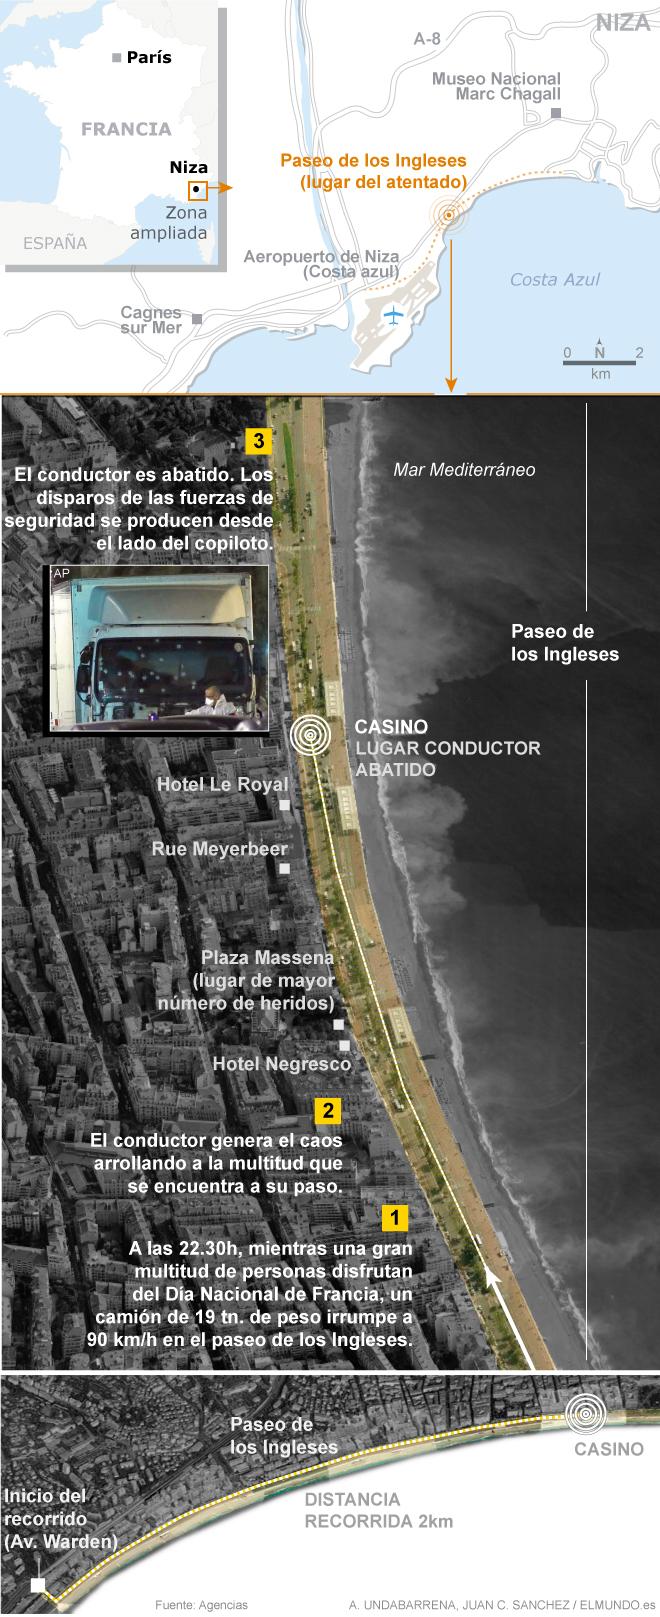 Niza, mapa del atentado